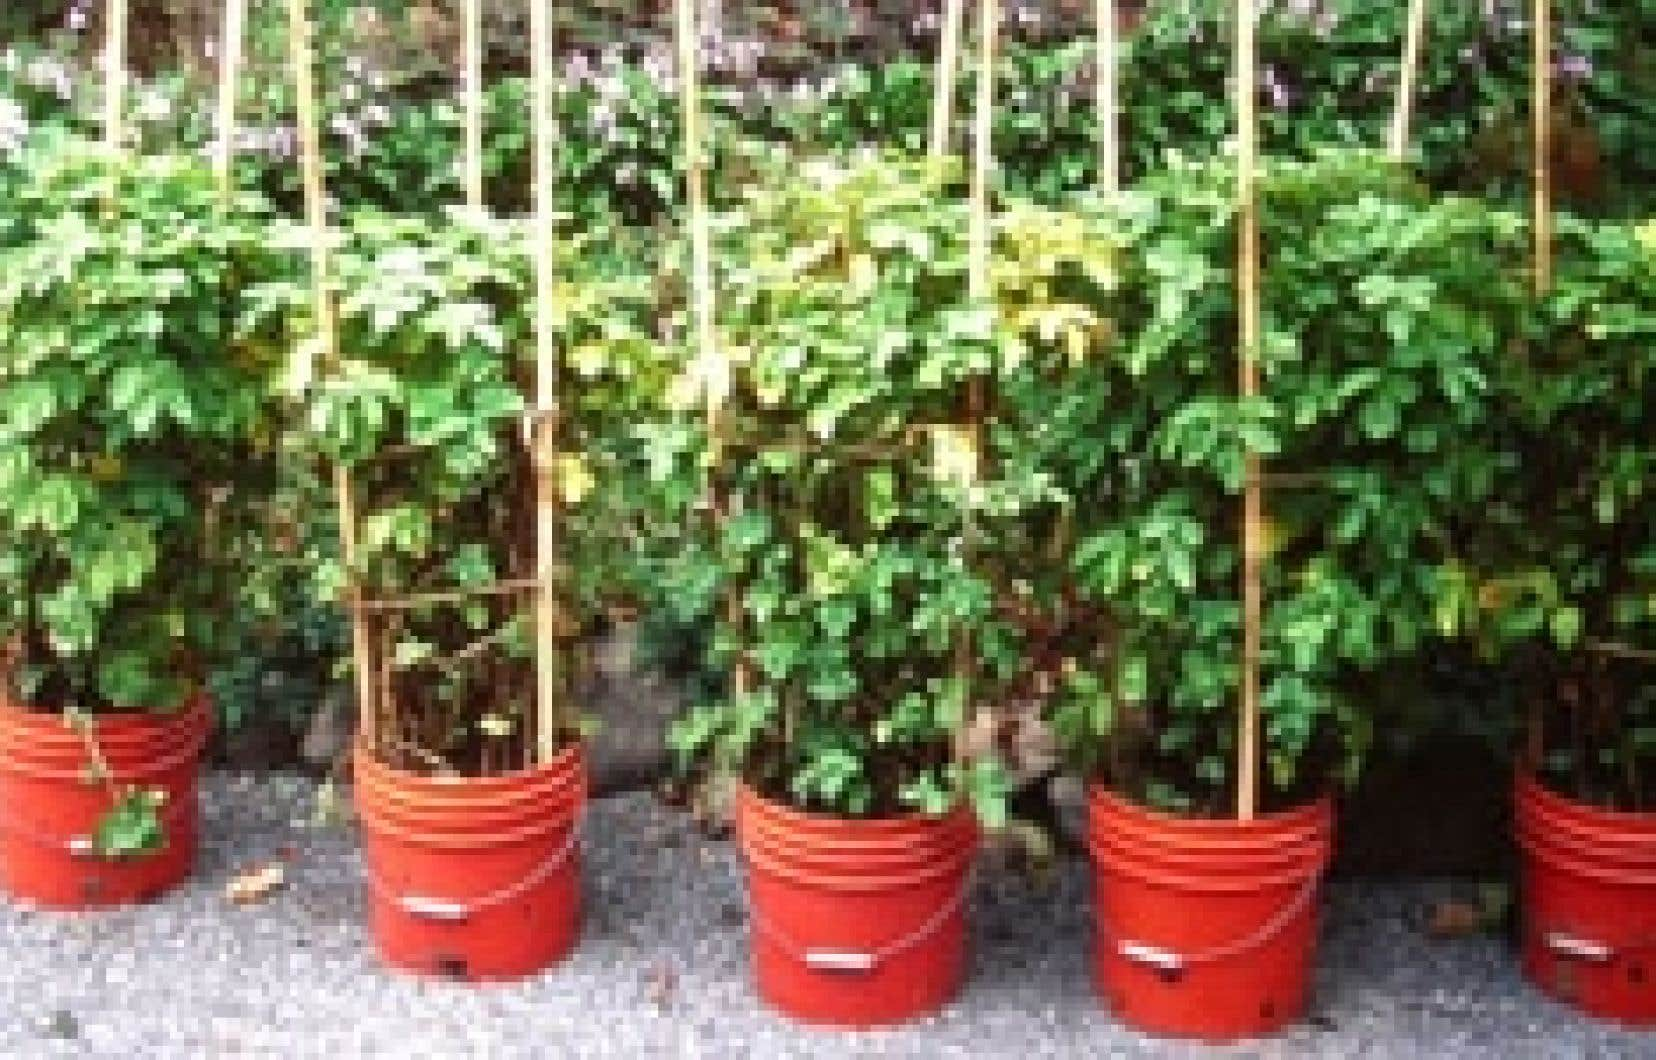 Début de la croissance avec des pommes de terre entières